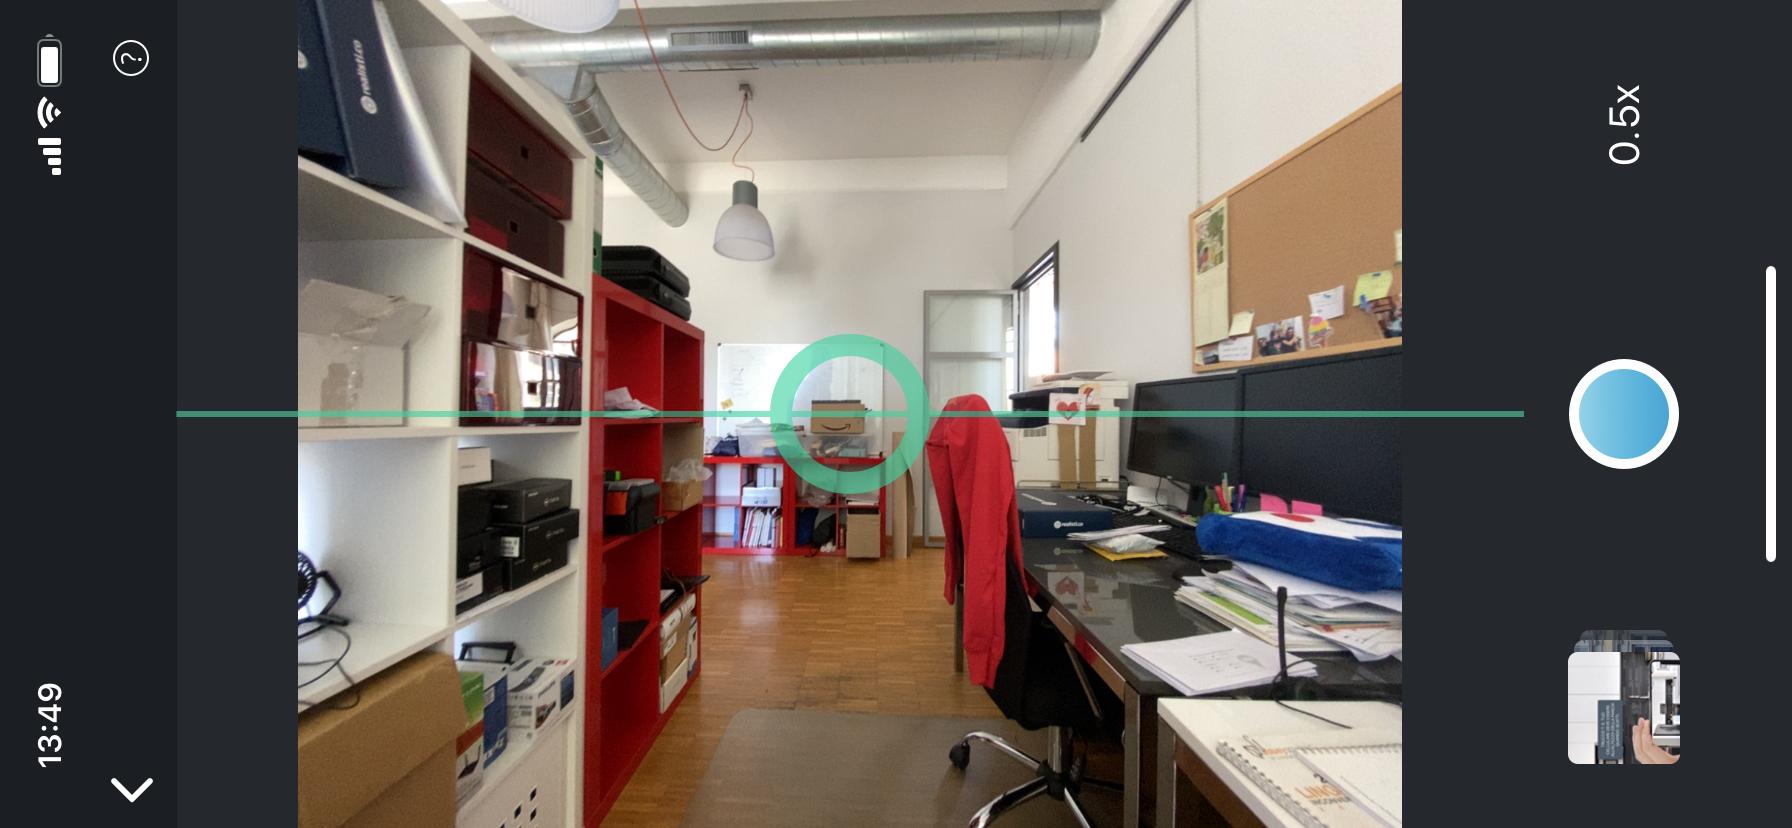 Uno strumento dedicato alla fotografia immobiliare da smartphone